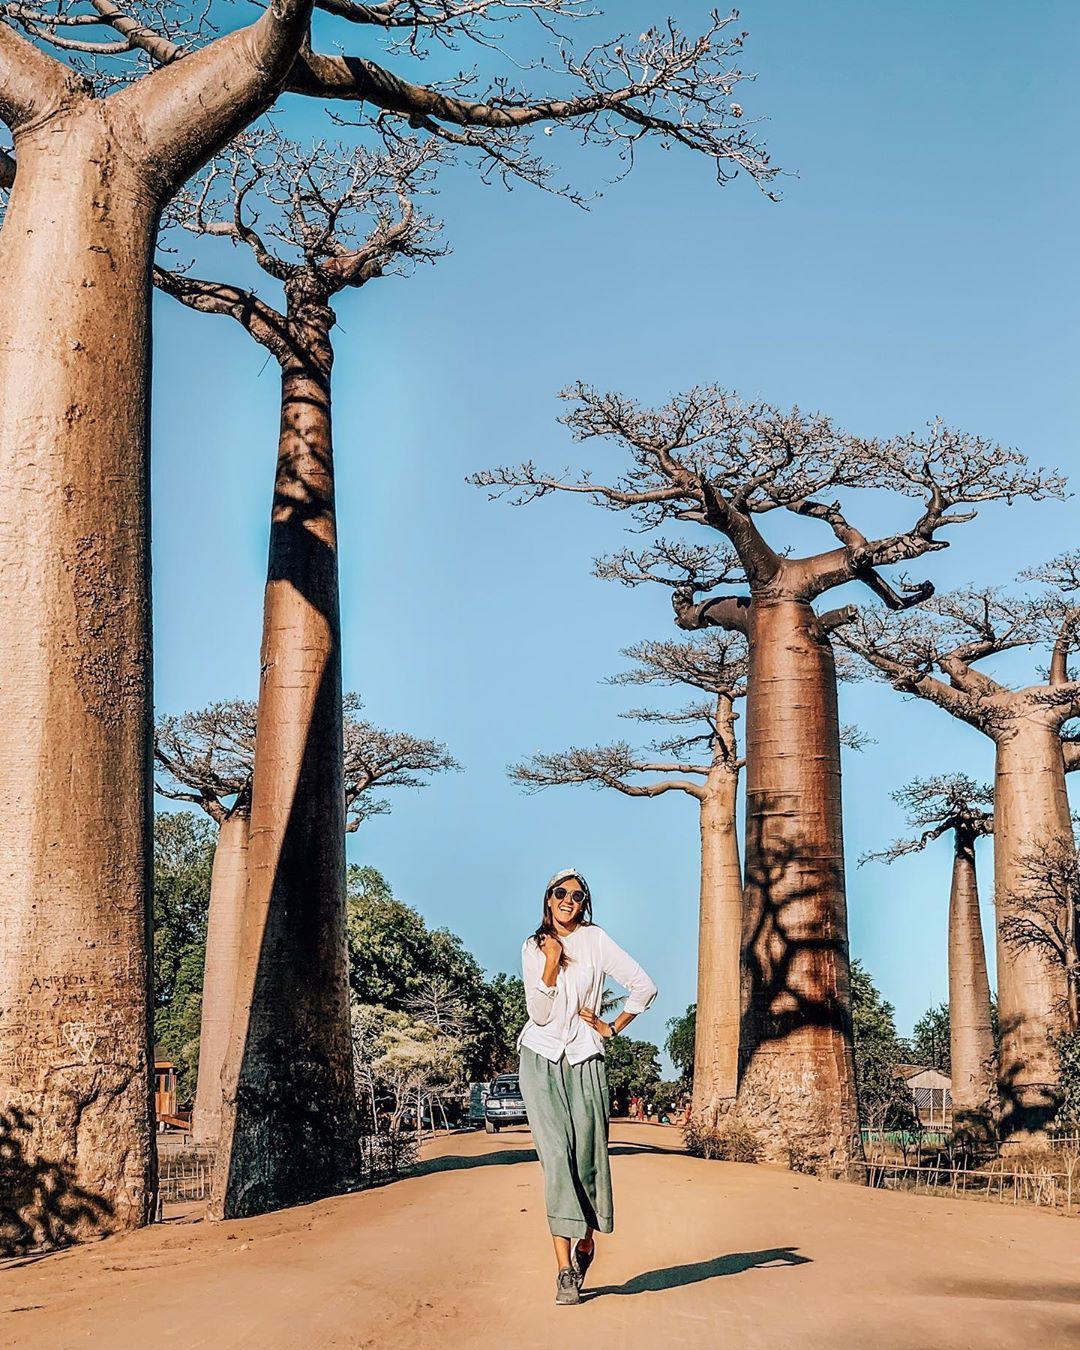 Dính phải lời nguyền phải mọc ngược, rừng cây ở Madagascar nay lại trở thành điểm check-in xịn xò của giới blogger du lịch - Ảnh 2.